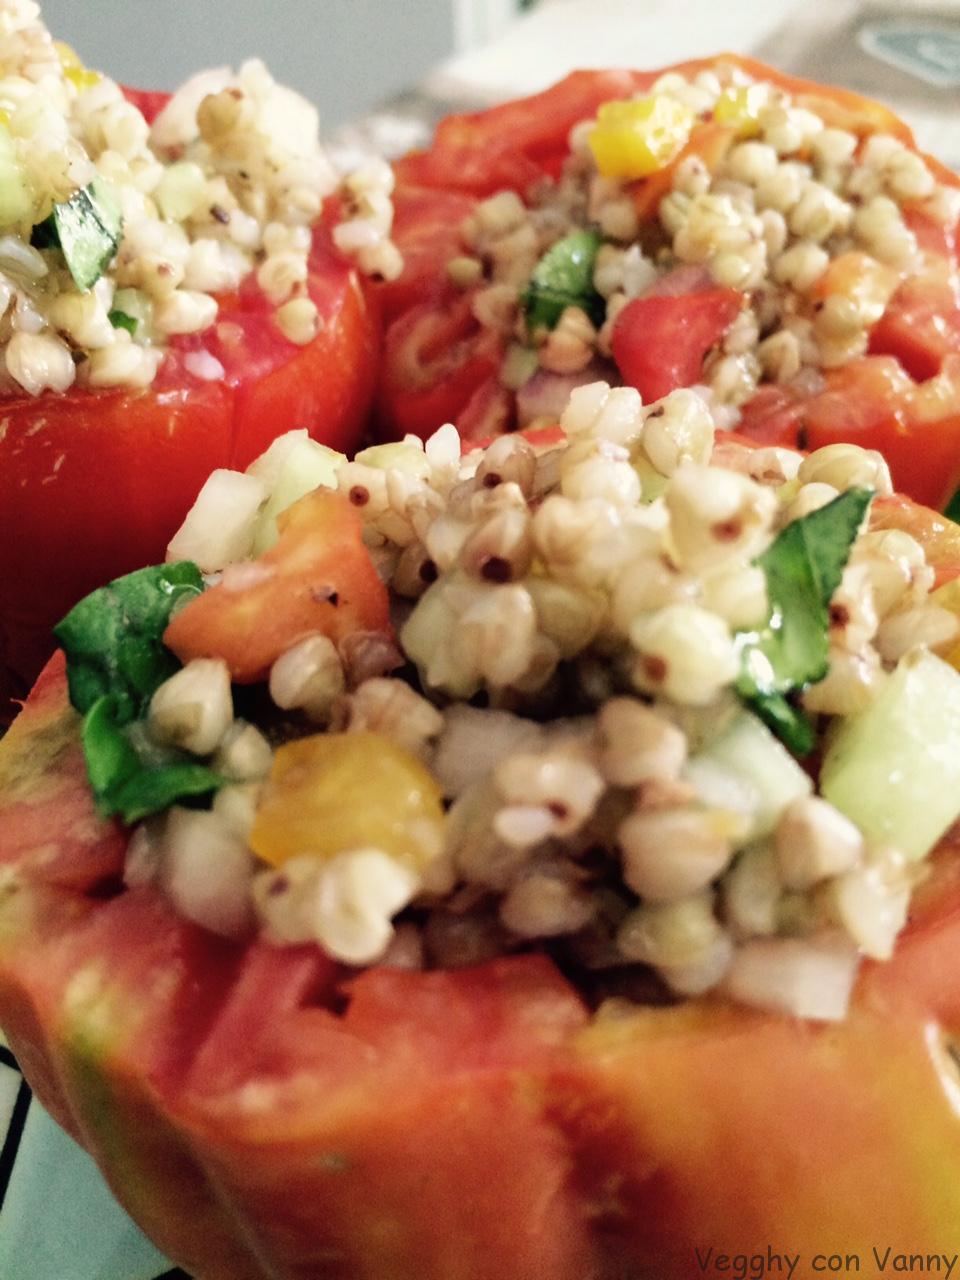 Pomodori freddi ripieni di grano saraceno e verdure